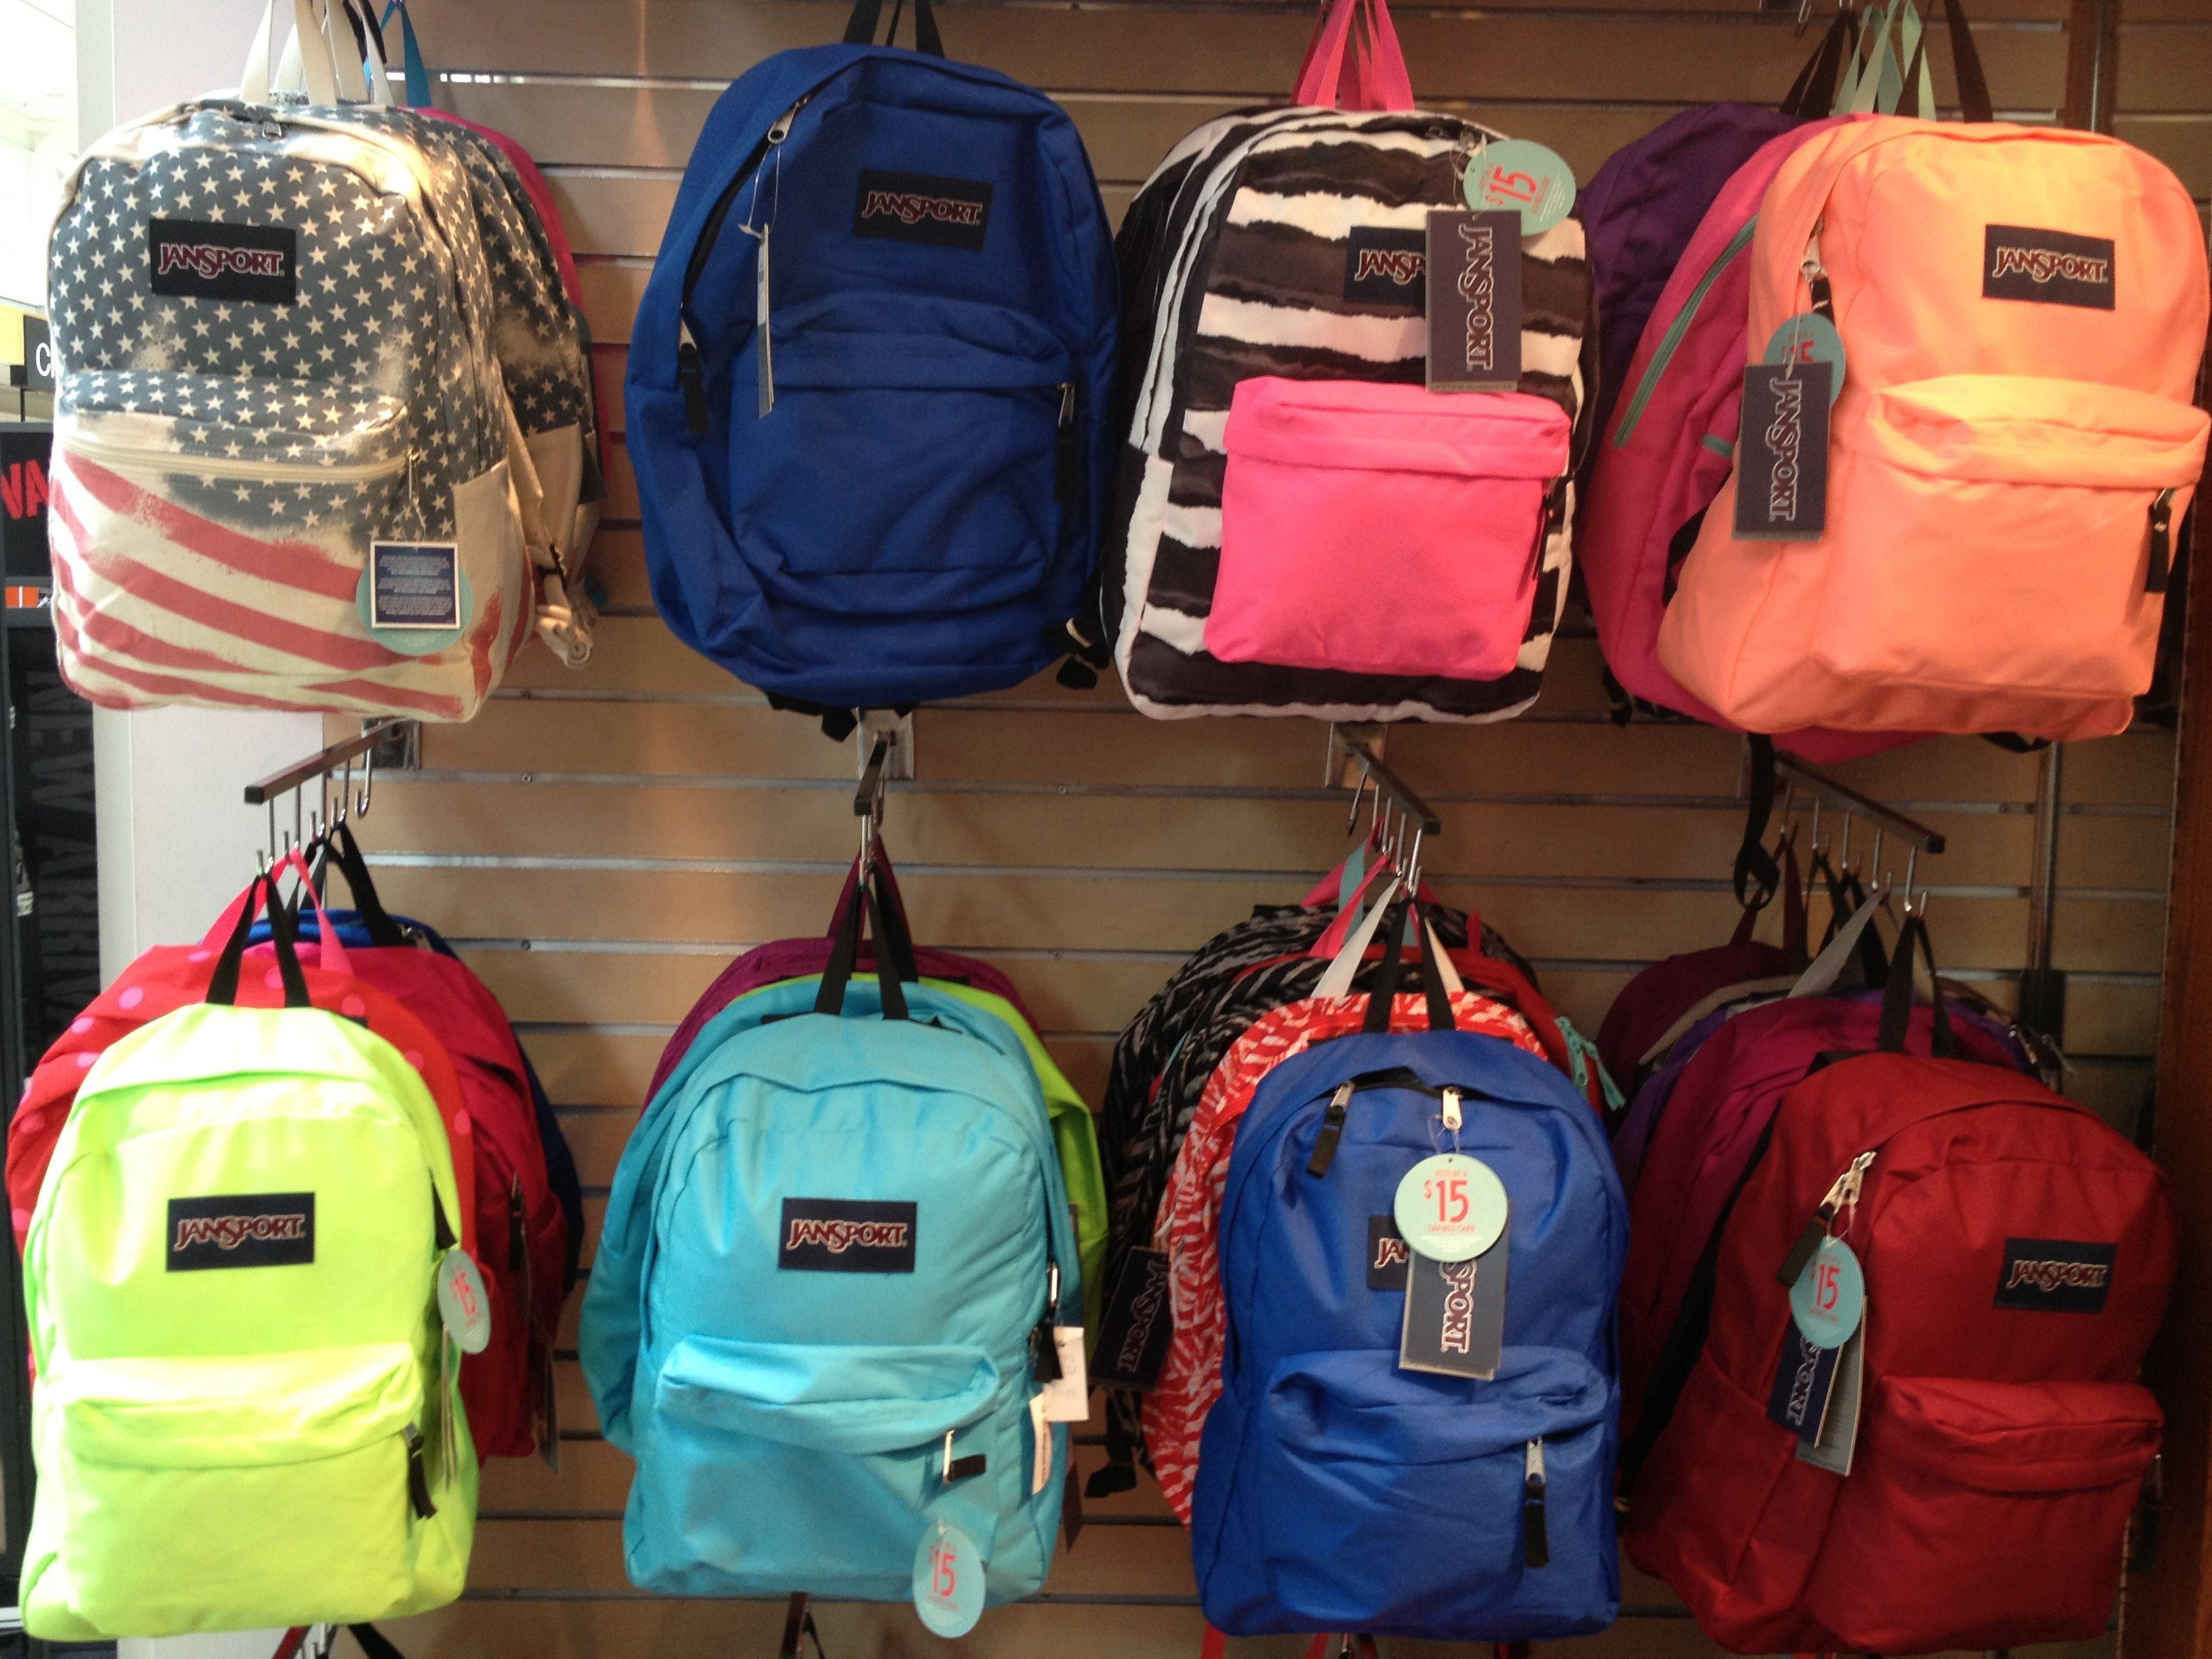 Jansport backpacks | Bentley | Back To School | Pinterest ...